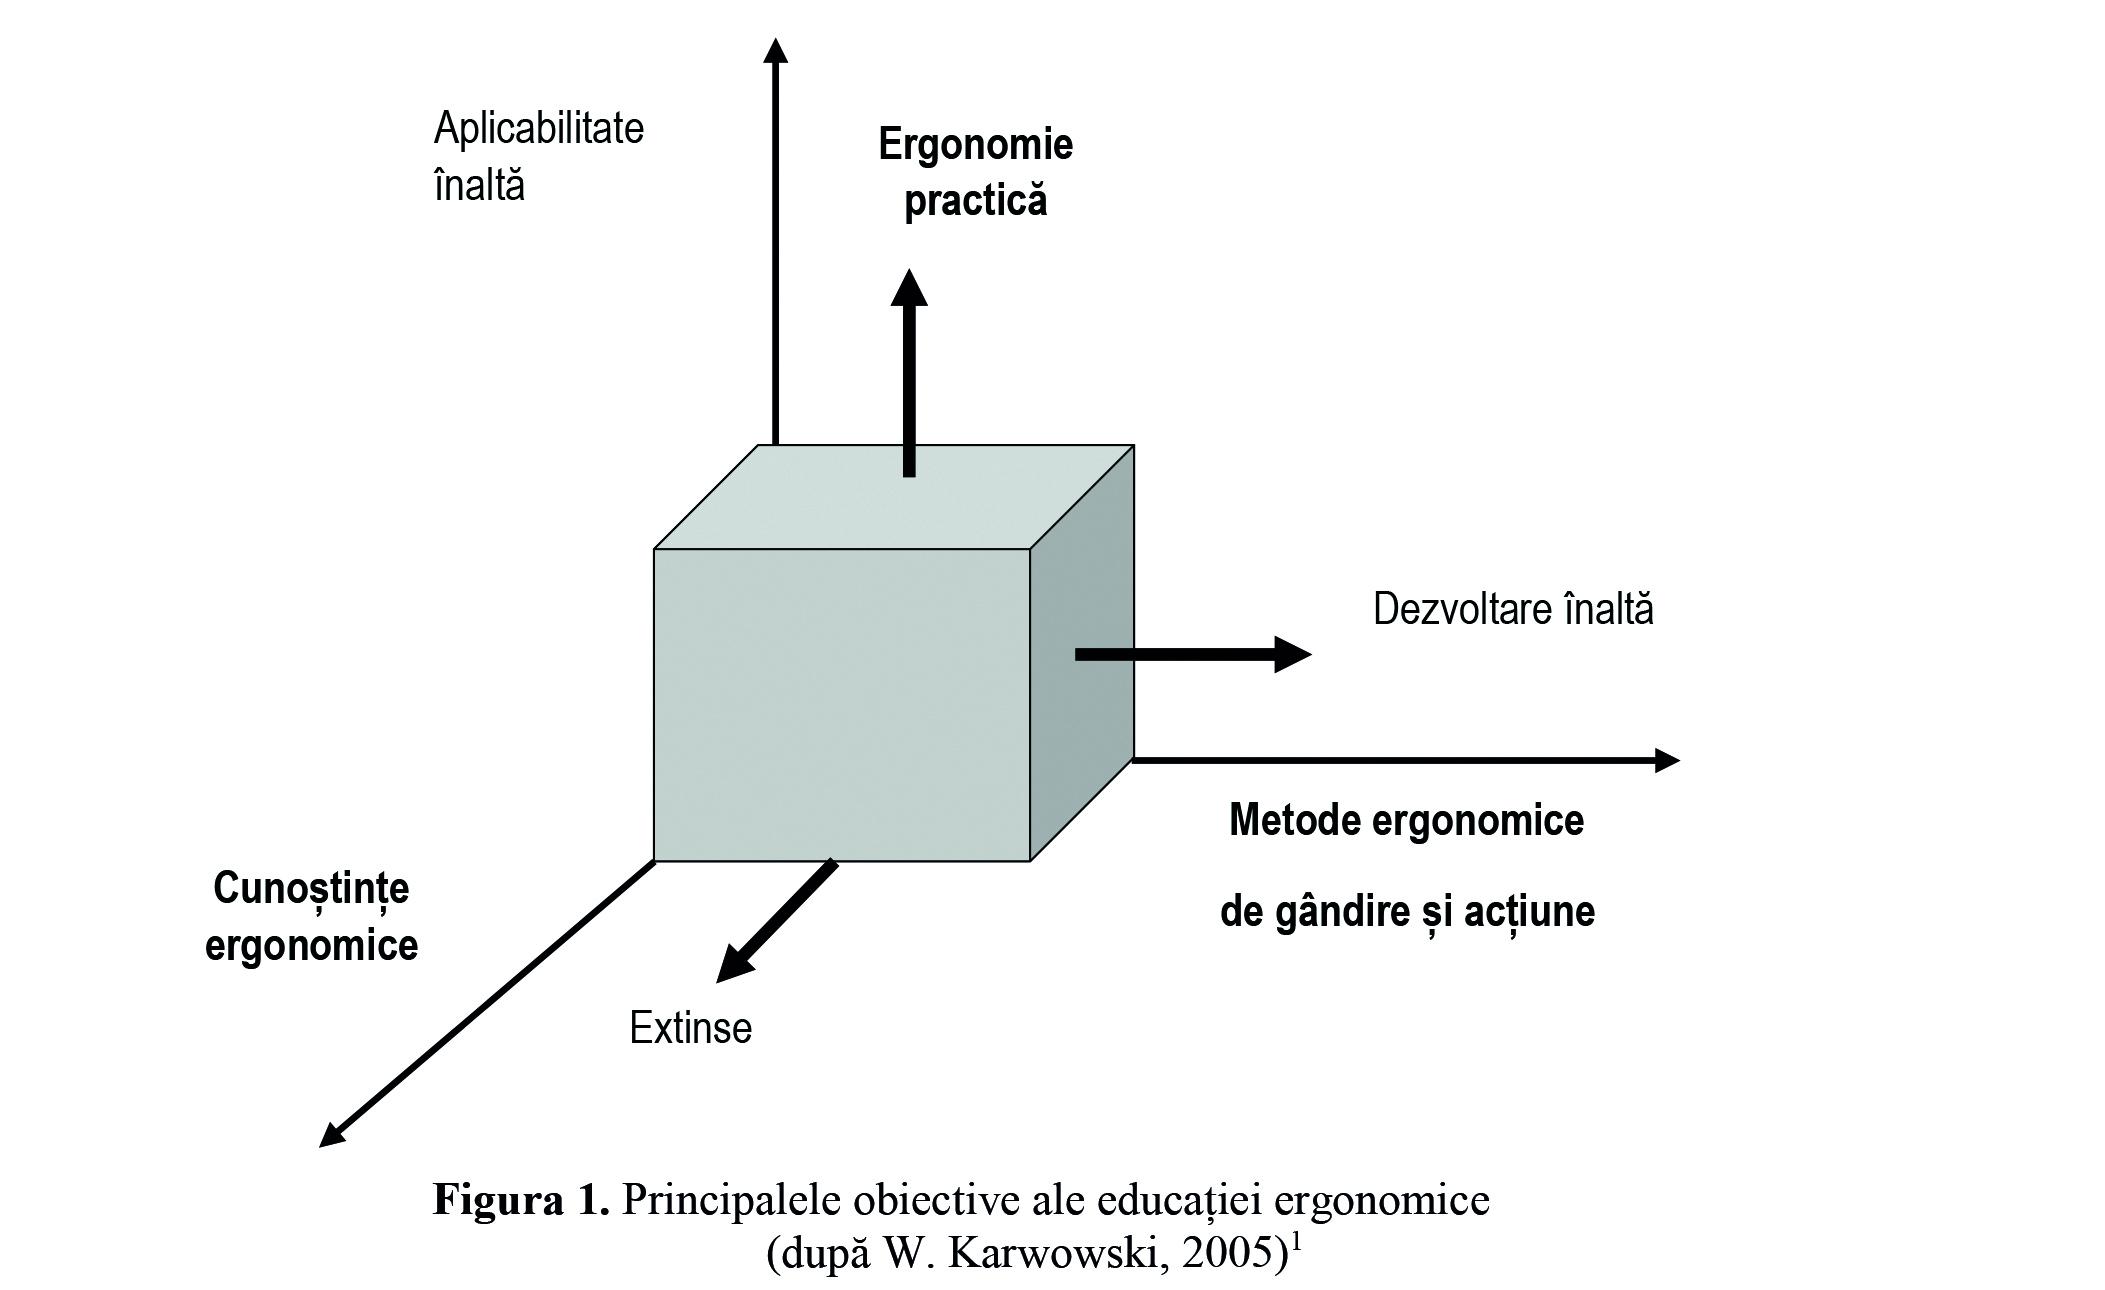 Figura 1-1